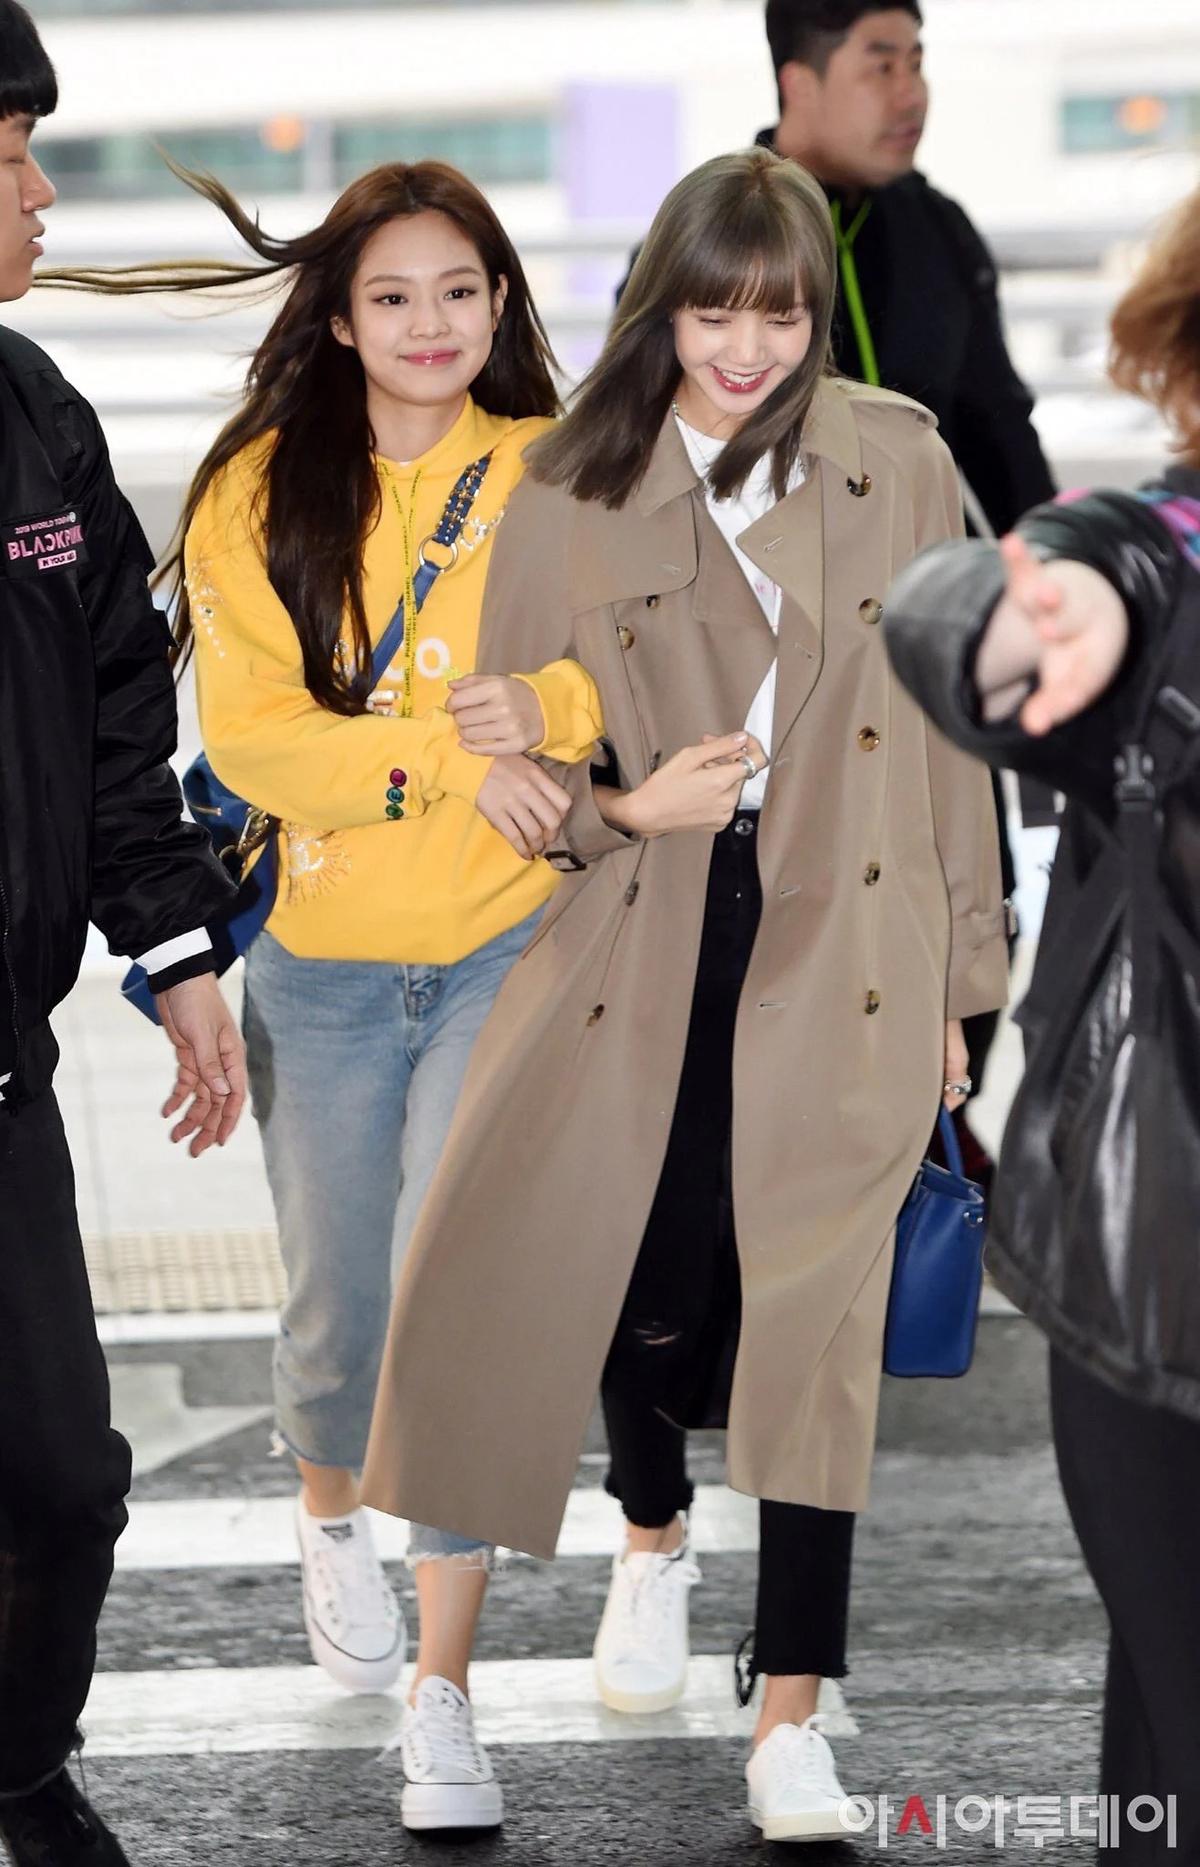 isa thanh lịch ở sân bay với chiếc trench coat có giá xấp xỉ 86 triệu đồng.